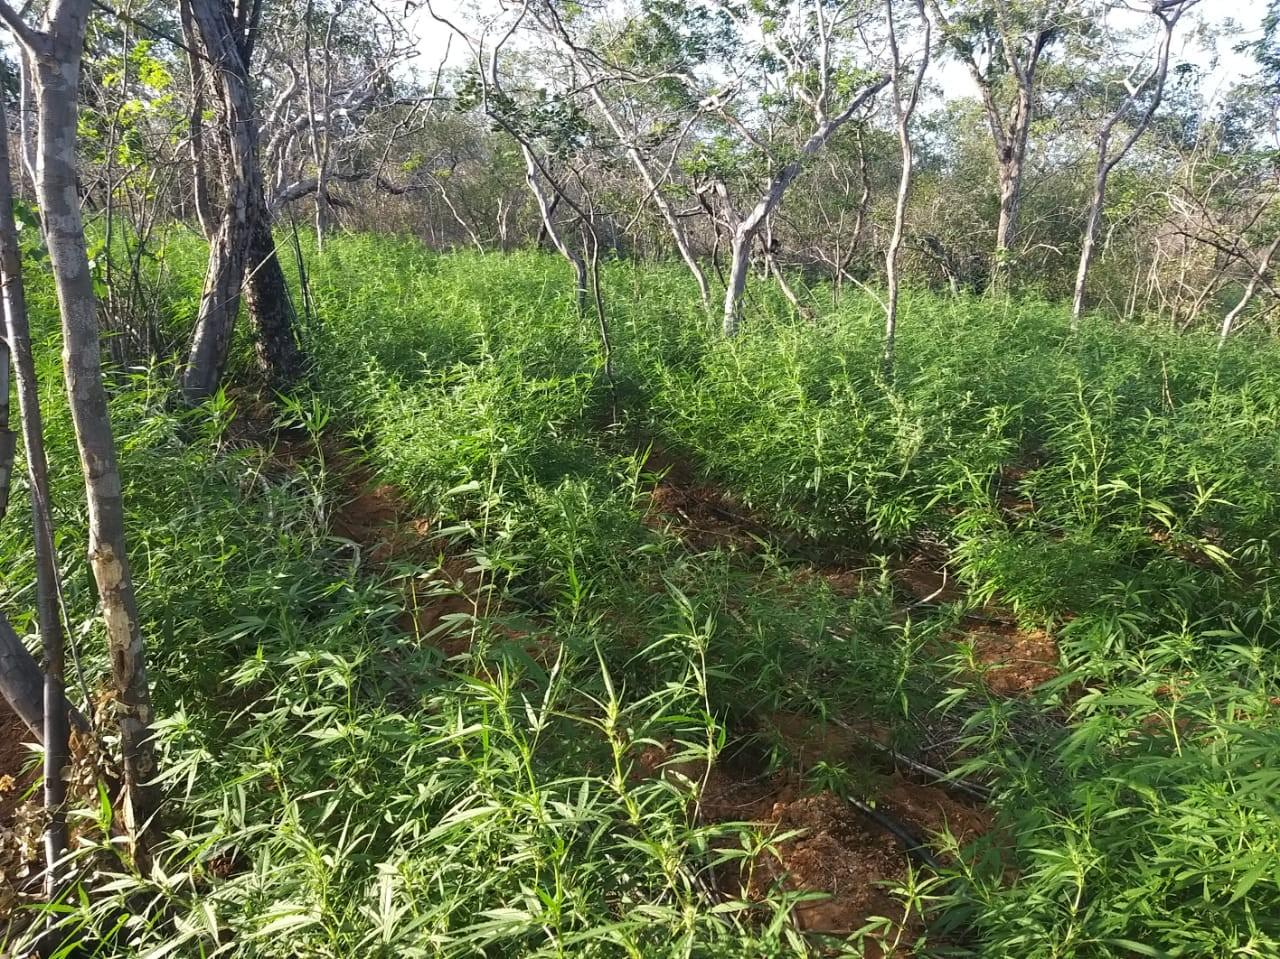 Agricultor é preso em Parnamirim, PE, em plantação com mais de seis mil pés de maconha - Notícias - Plantão Diário